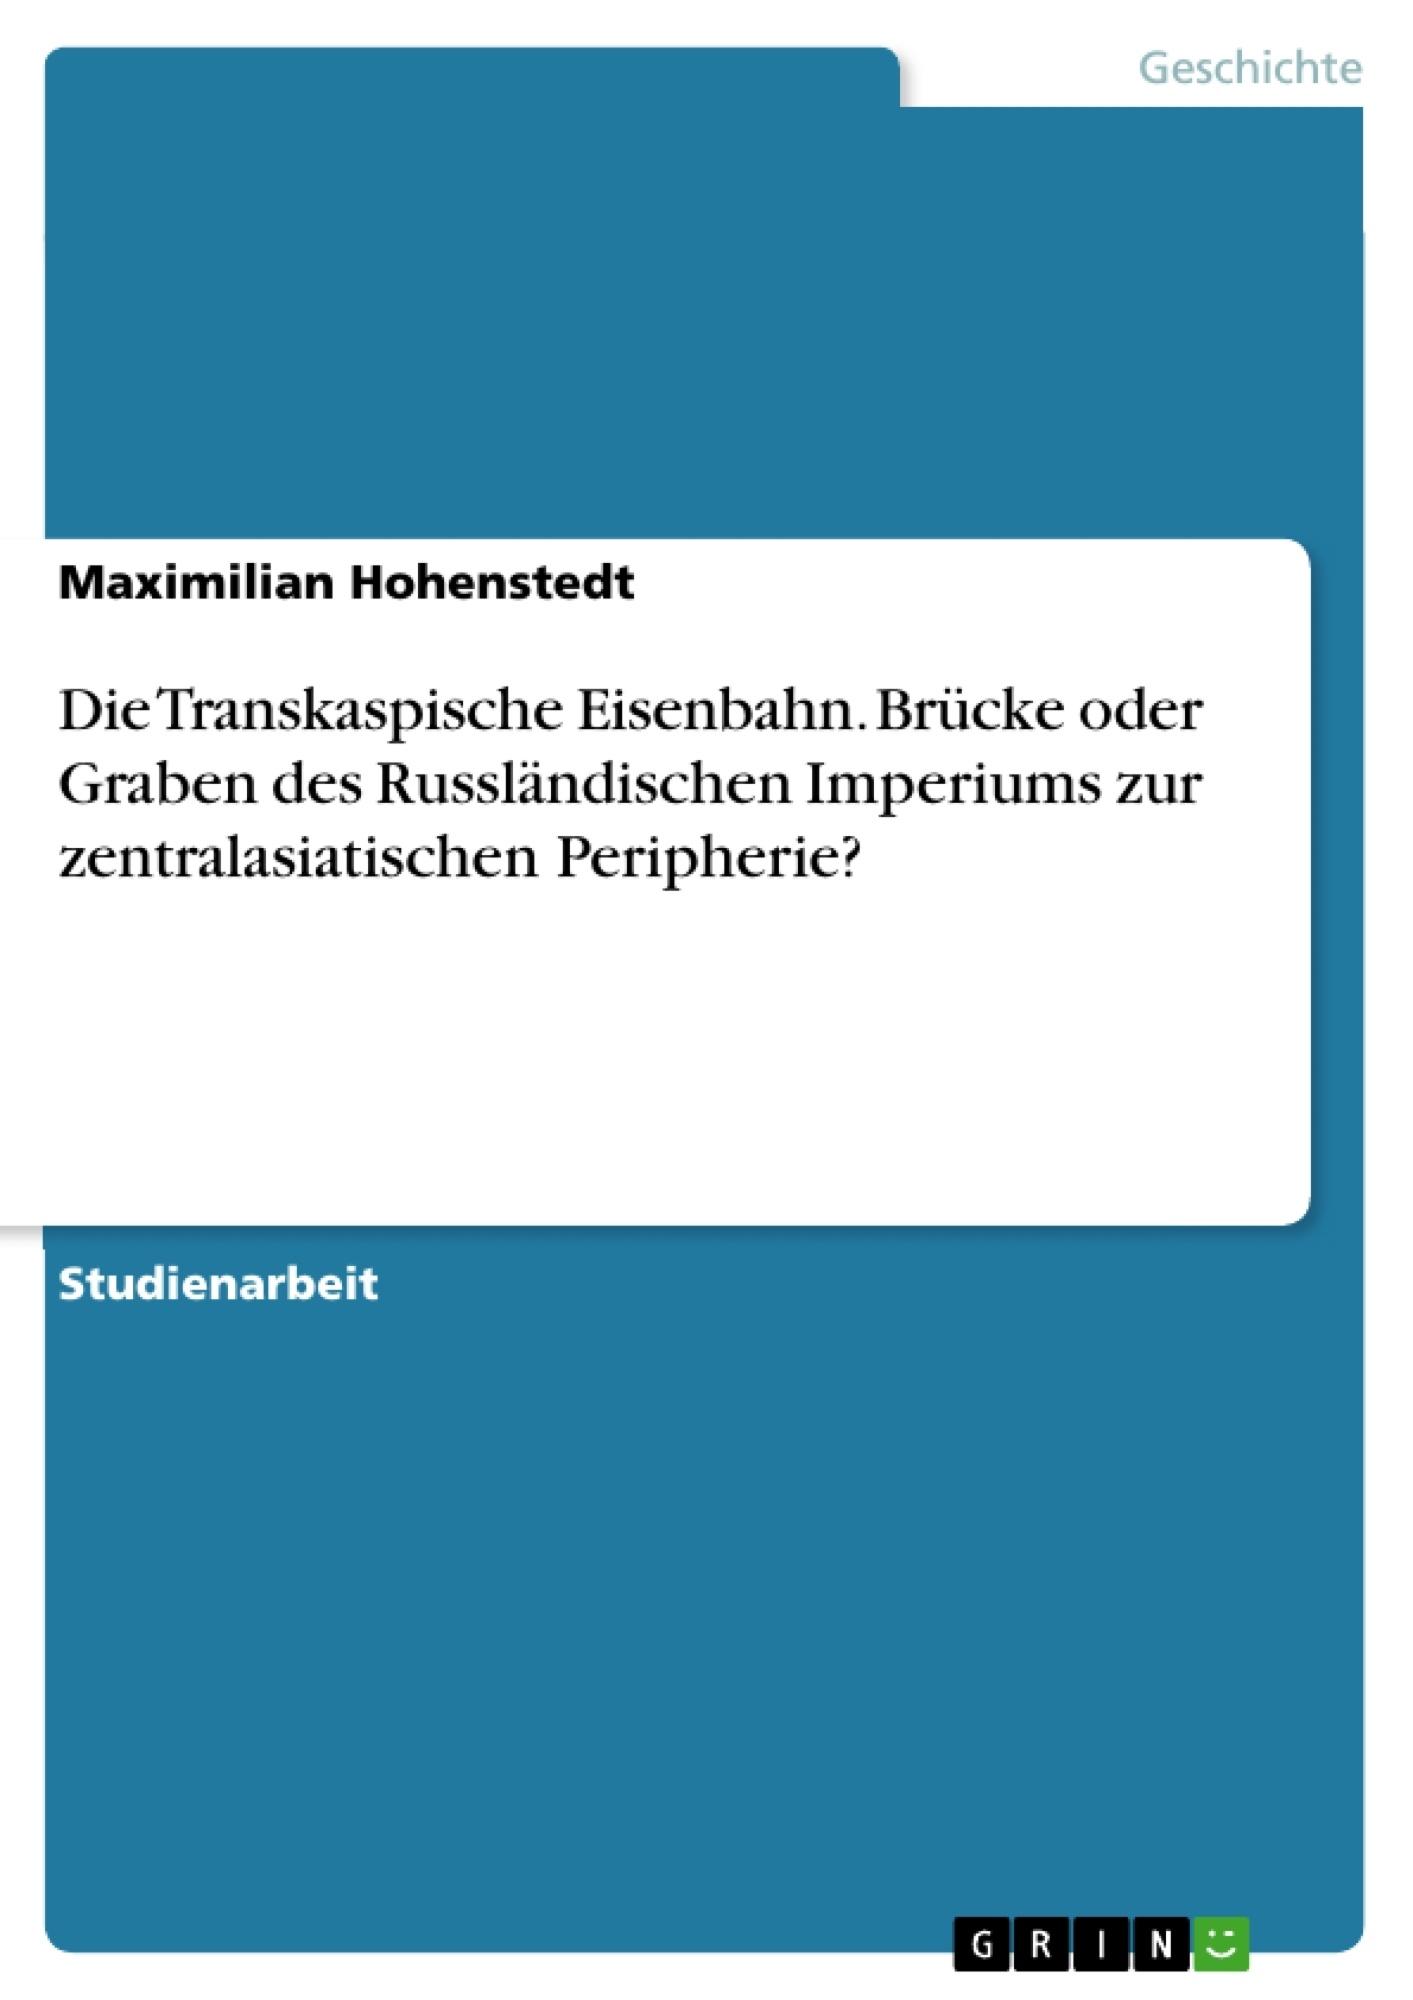 Titel: Die Transkaspische Eisenbahn. Brücke oder Graben des Russländischen Imperiums zur zentralasiatischen Peripherie?